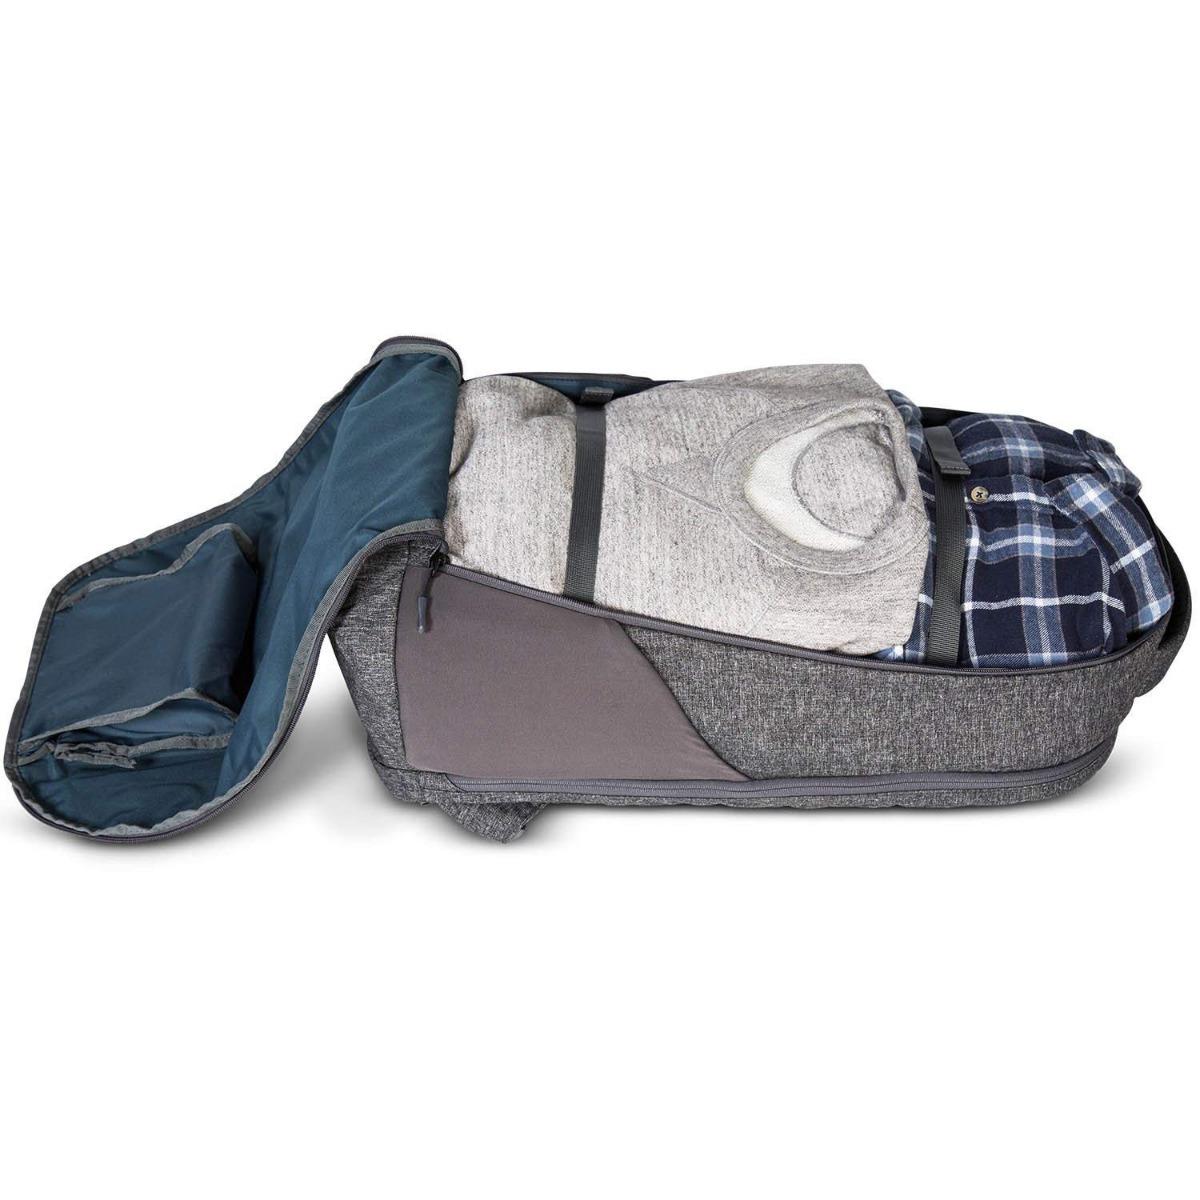 e53647b1058 mochila de viaje compartimiento de portátil equipaje de mano. Cargando zoom.